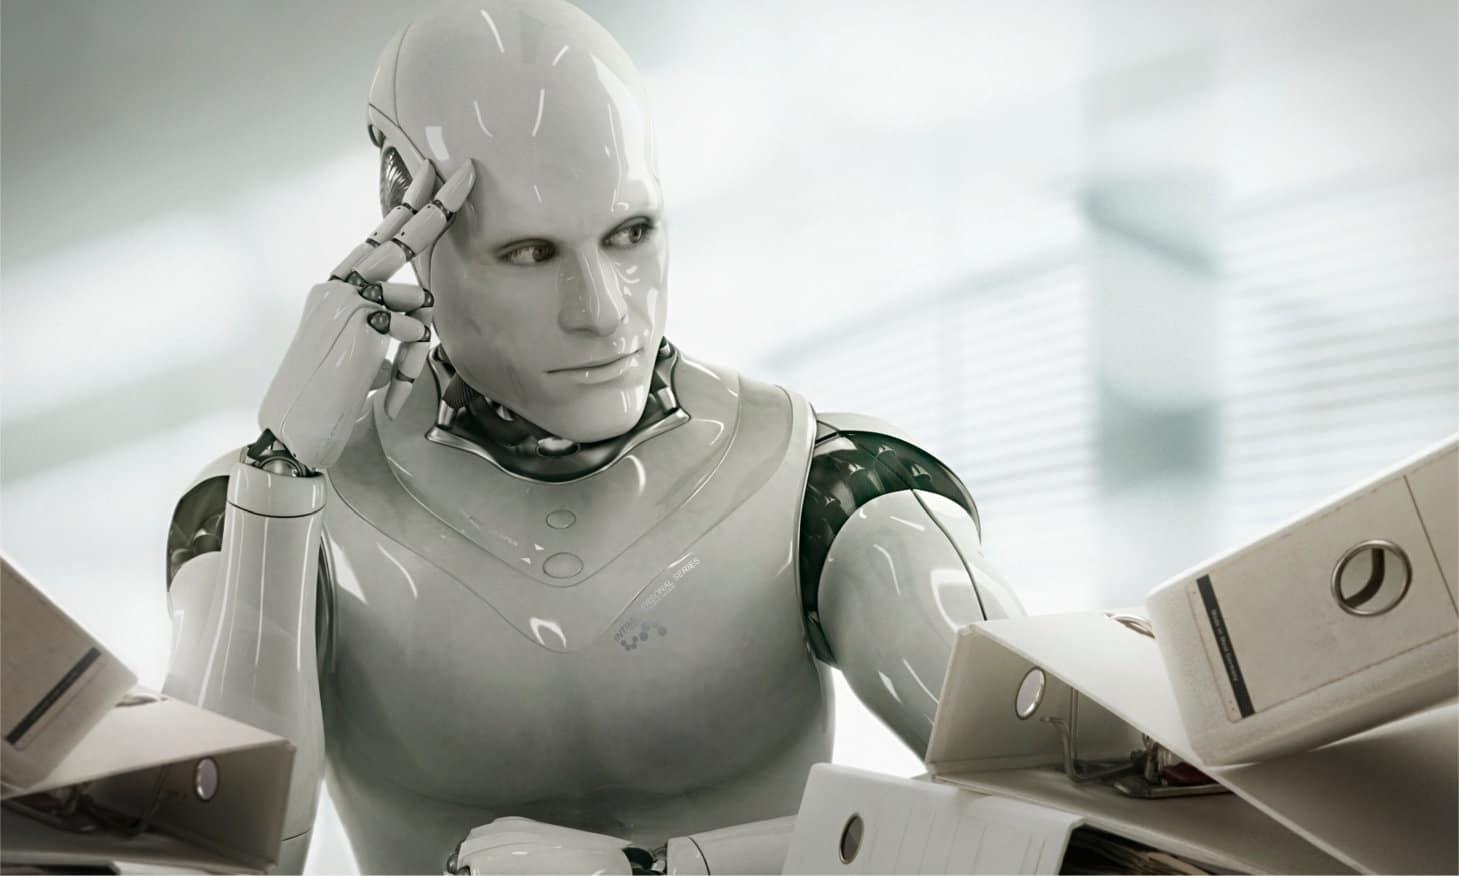 التنافس بين الكمبيوتر والعقل البشري